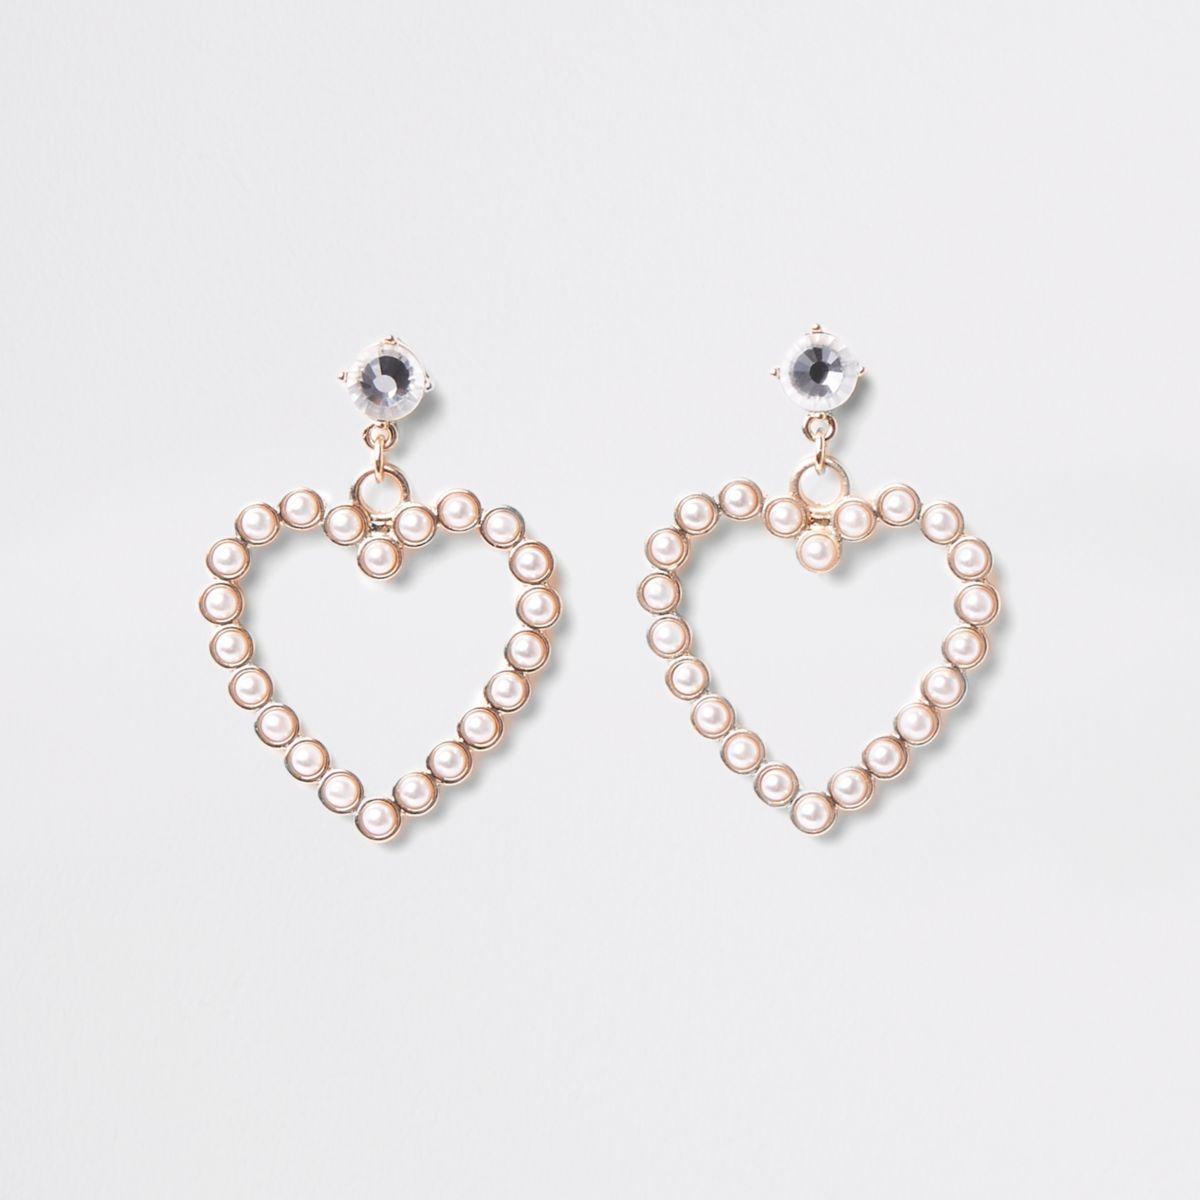 Goudkleurige hartvorminge oorknopjes met imitatieparels